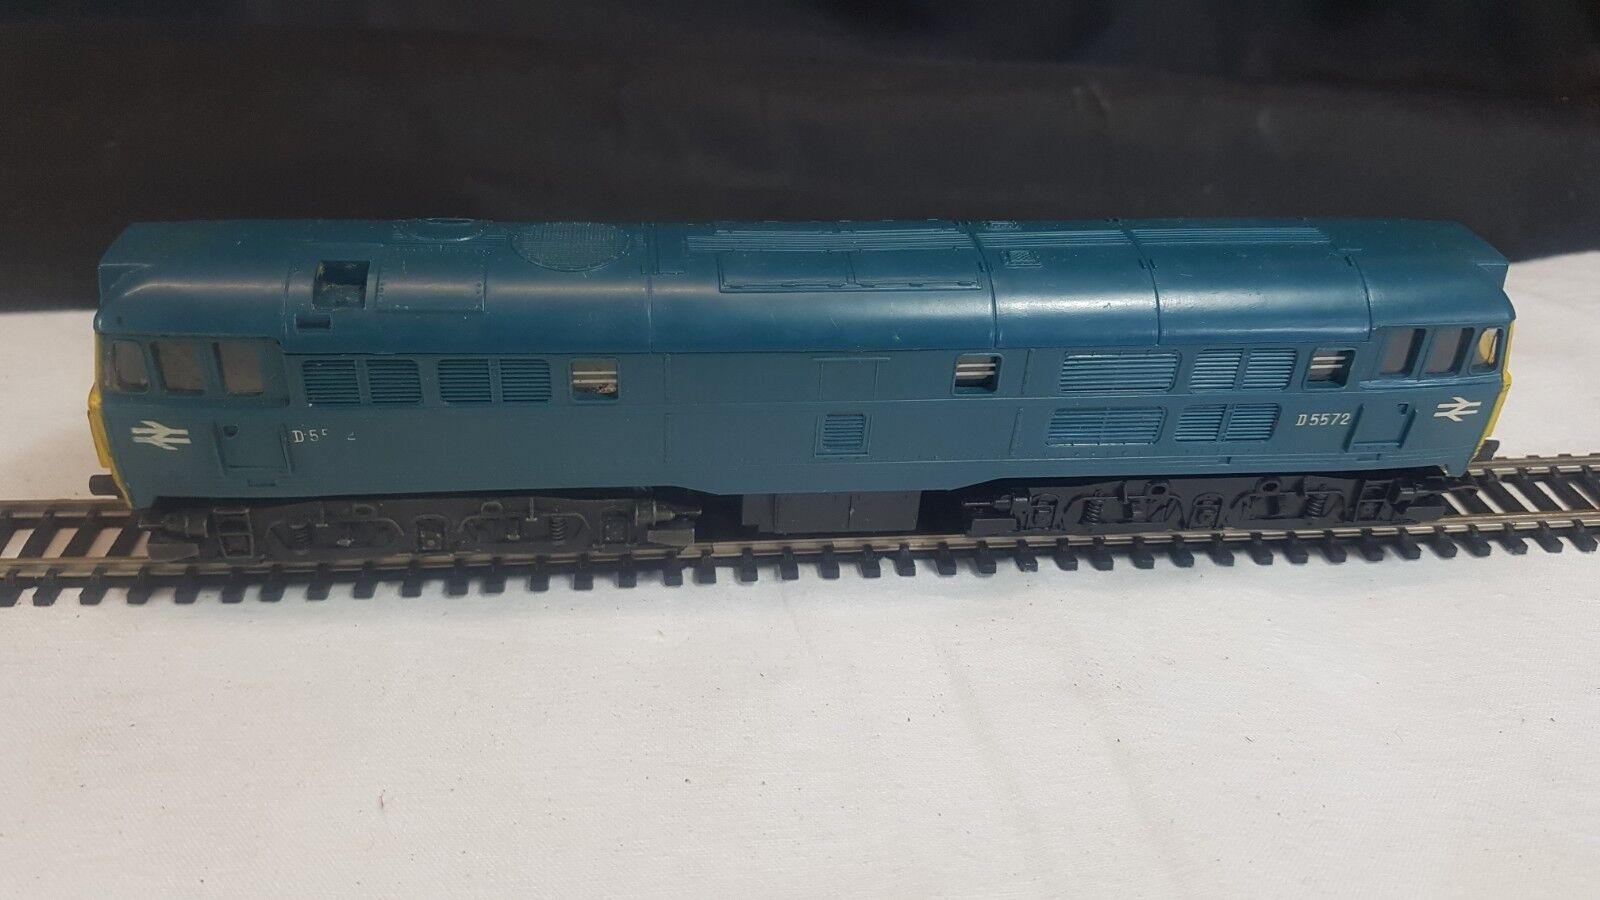 TRIANG R357 blu DIESEL LOCOMOTIVE D5572 - OO GAUGE